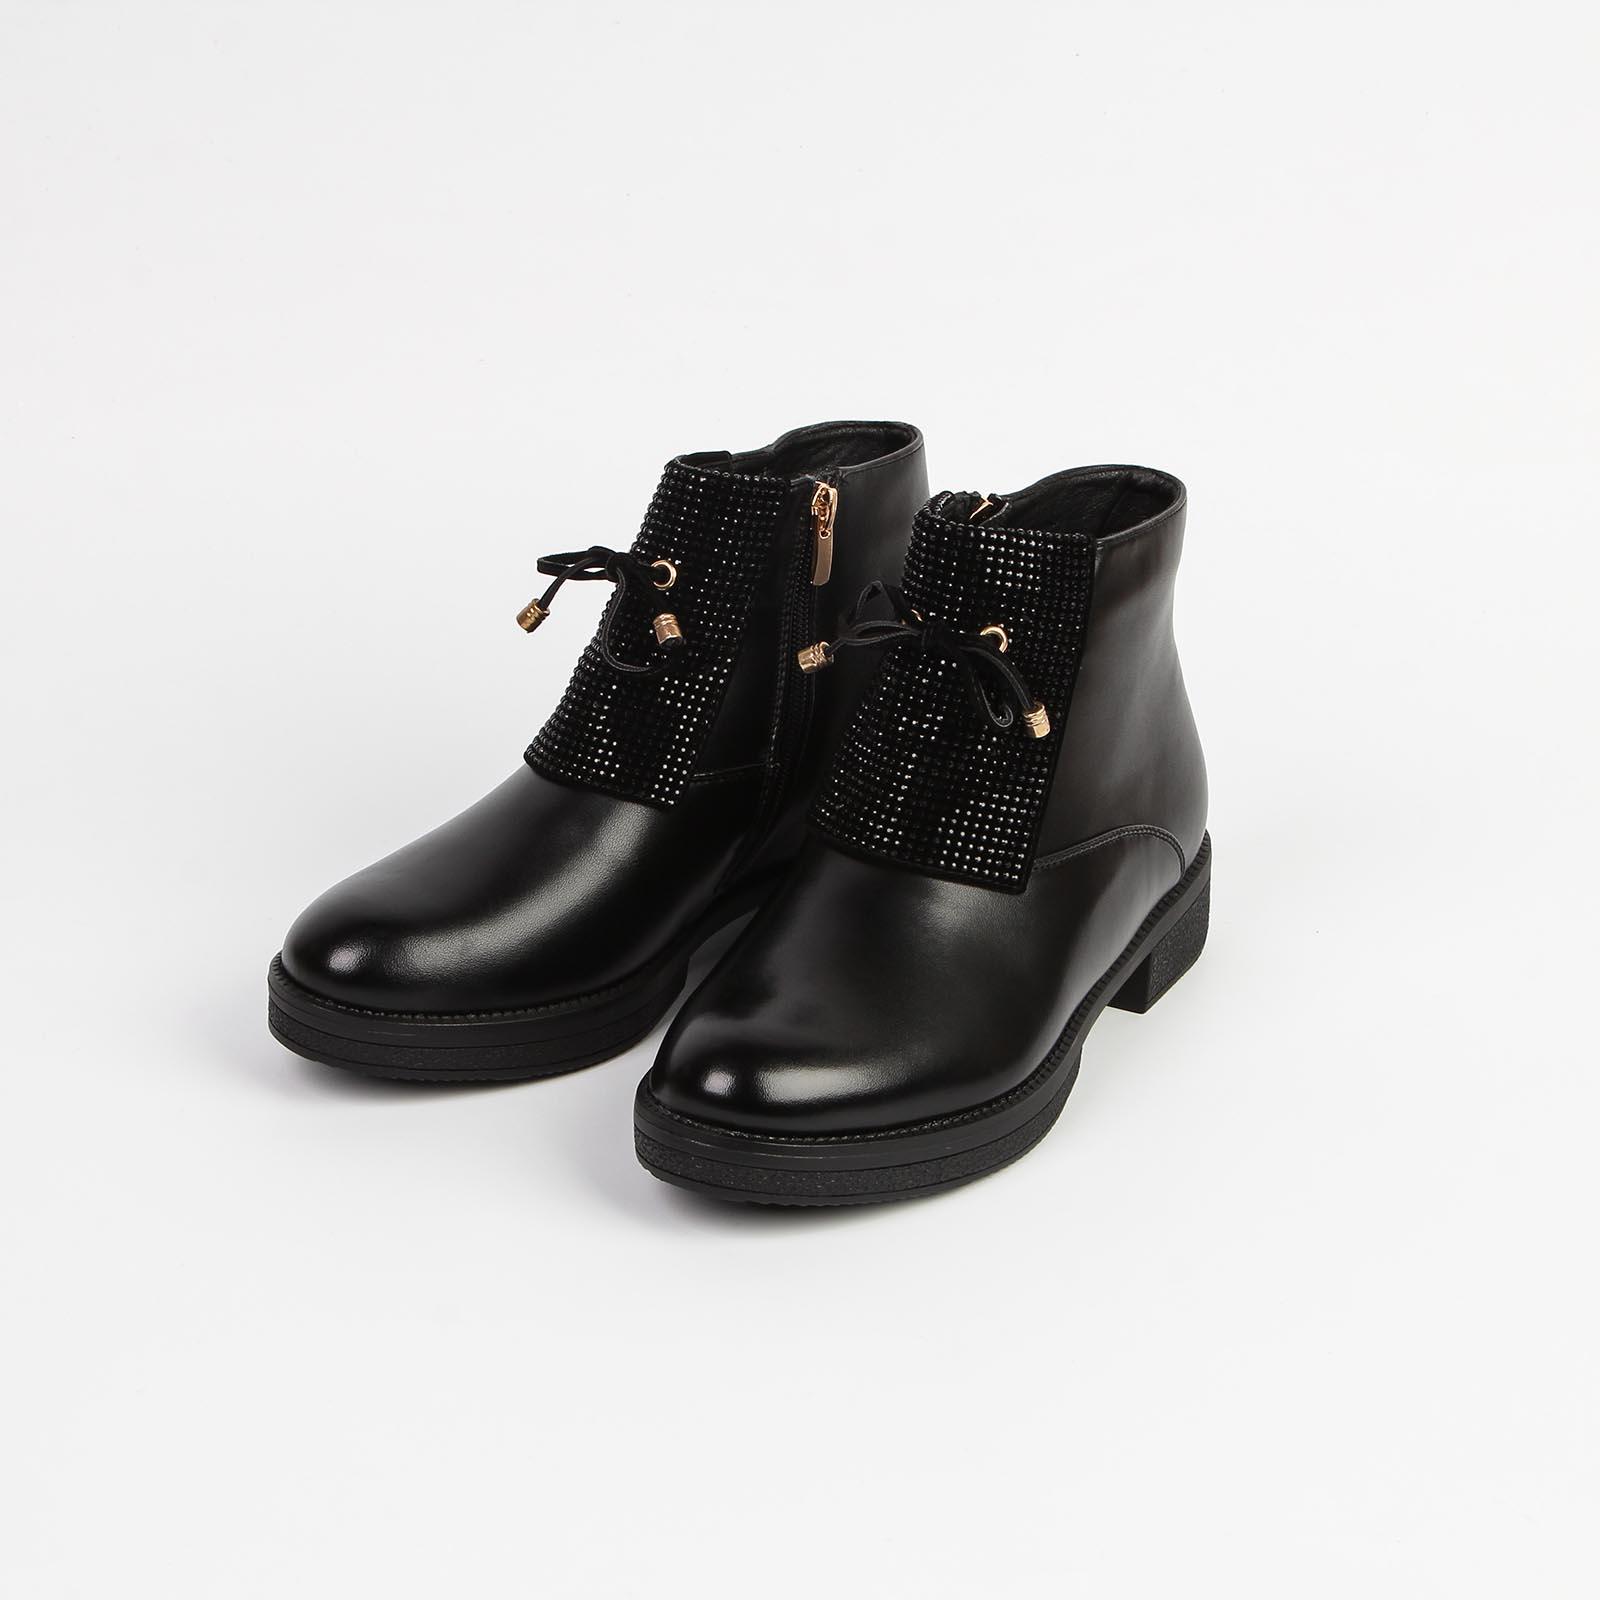 Ботинки женские с бантом